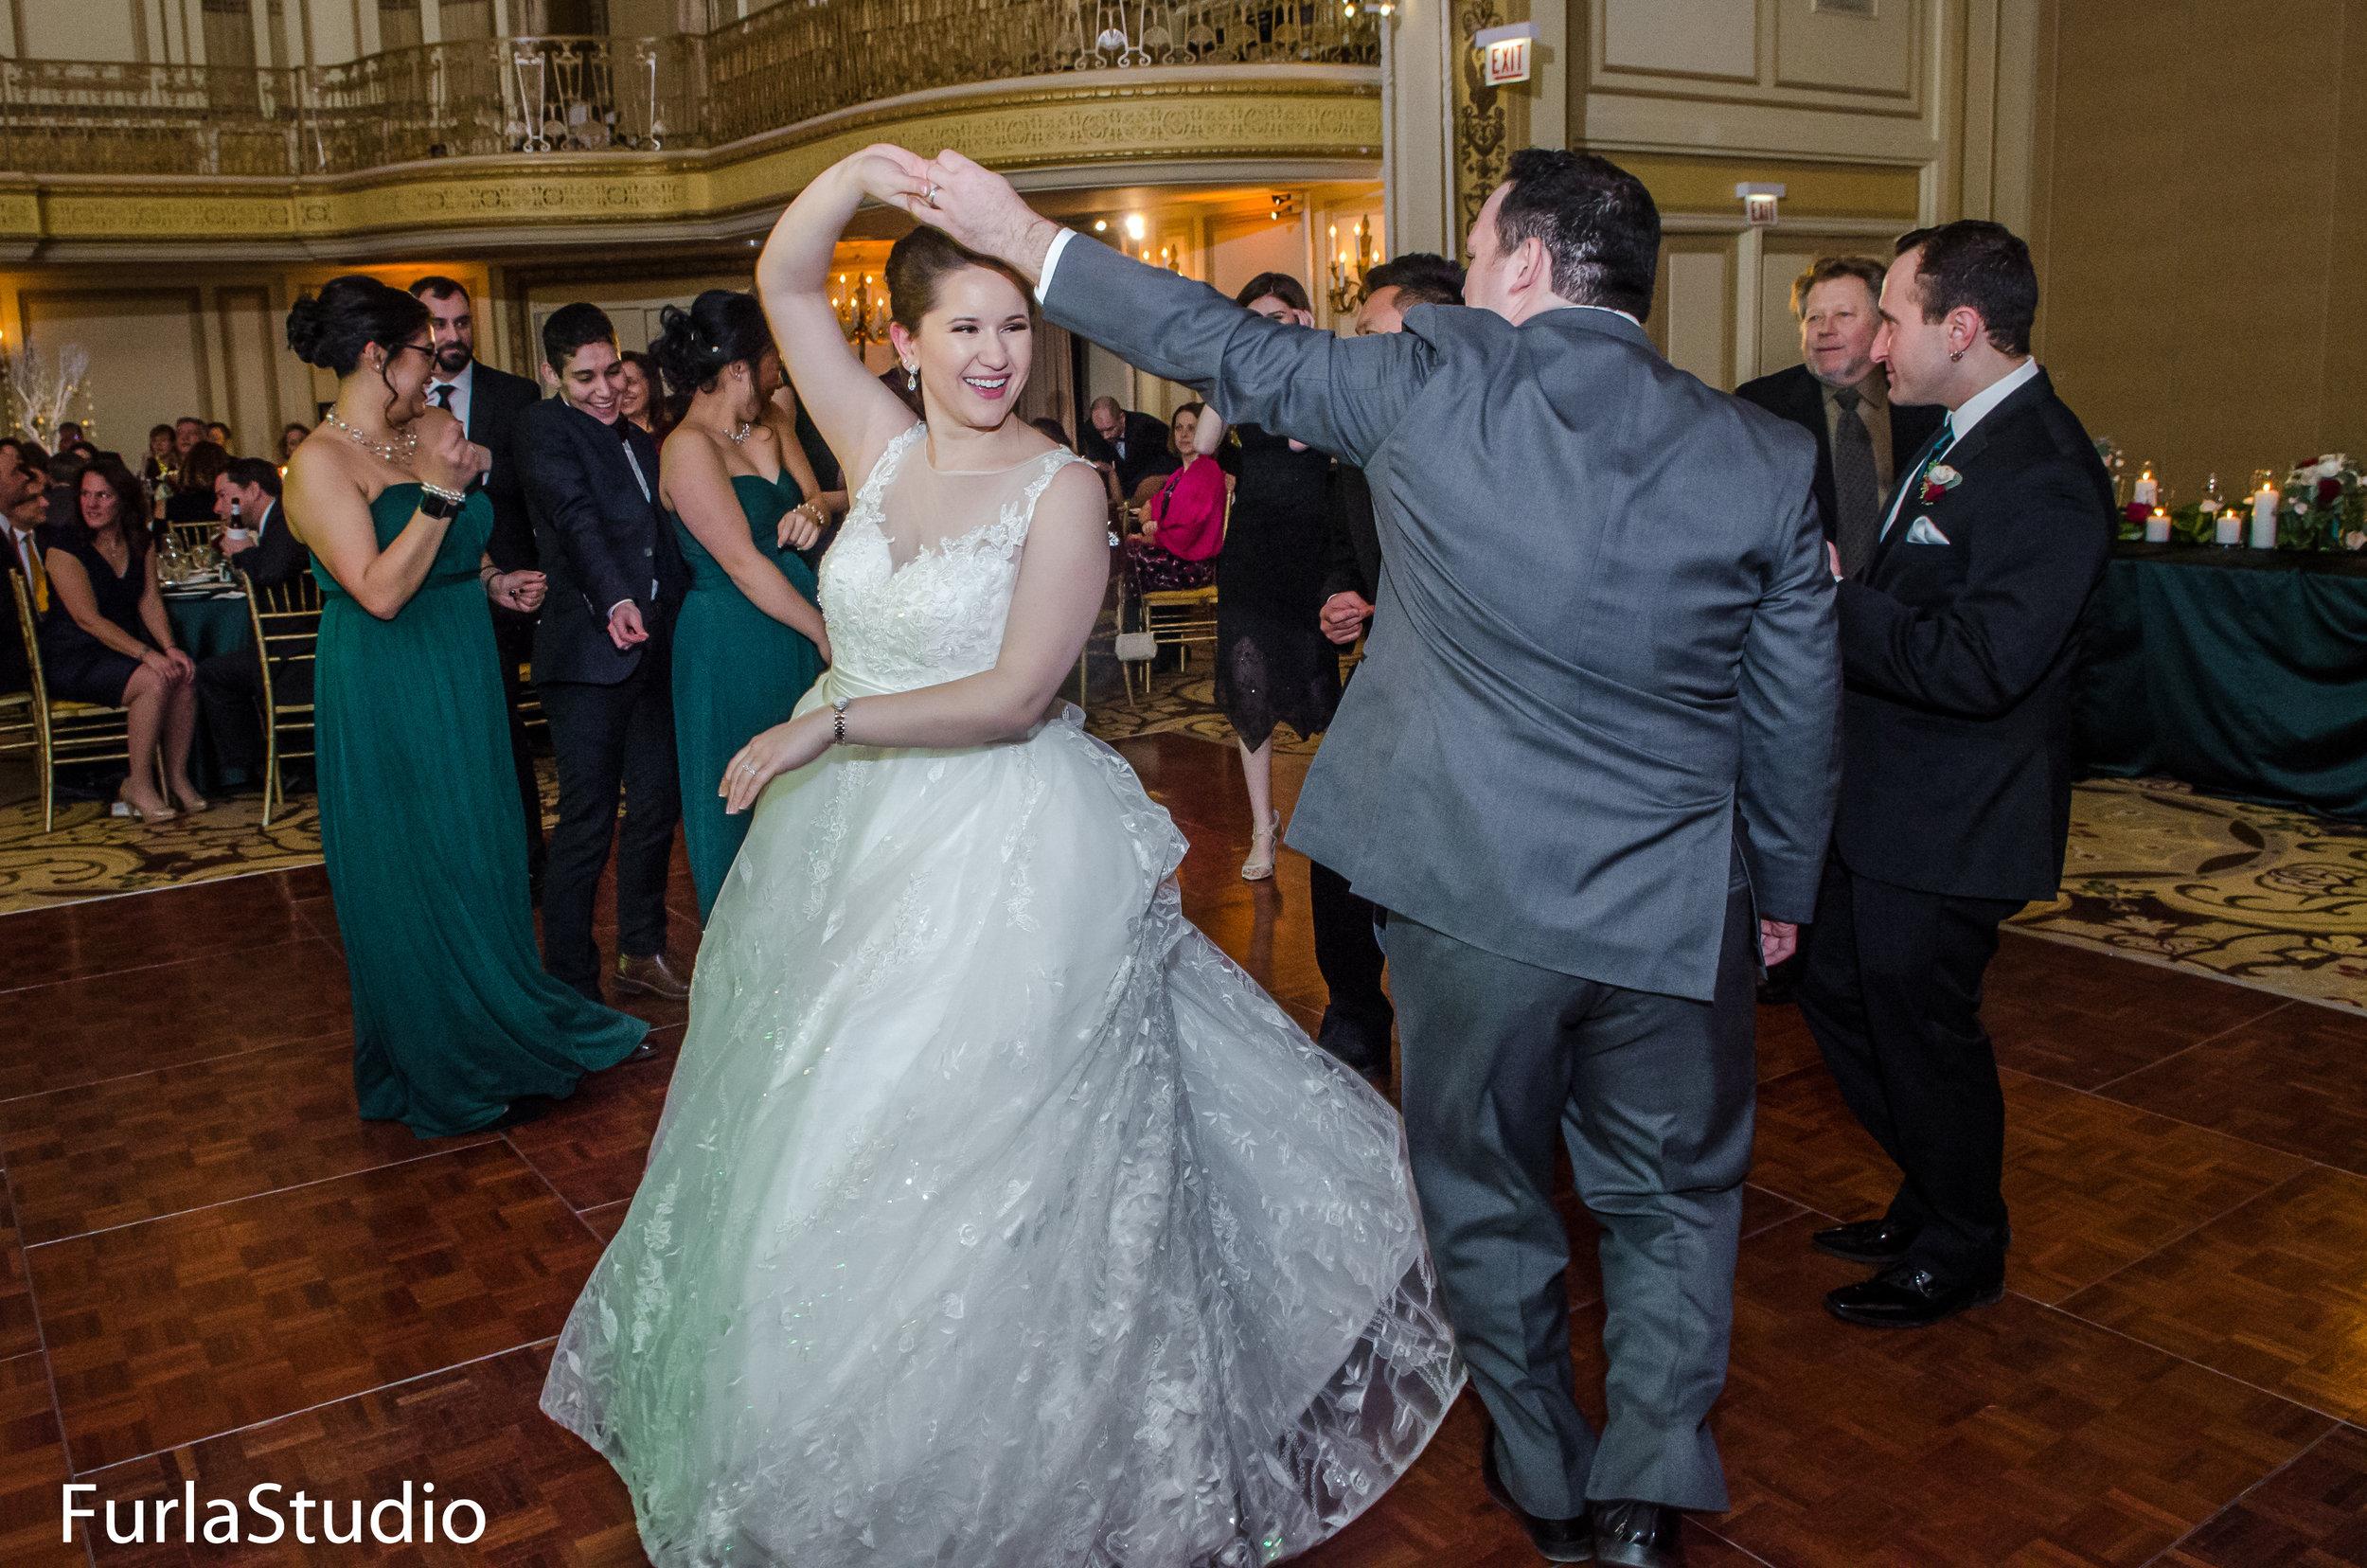 Palmer House Hilton Wedding Photos Chicago Wedding   Chicago Wedding Planner   Your Day by MK